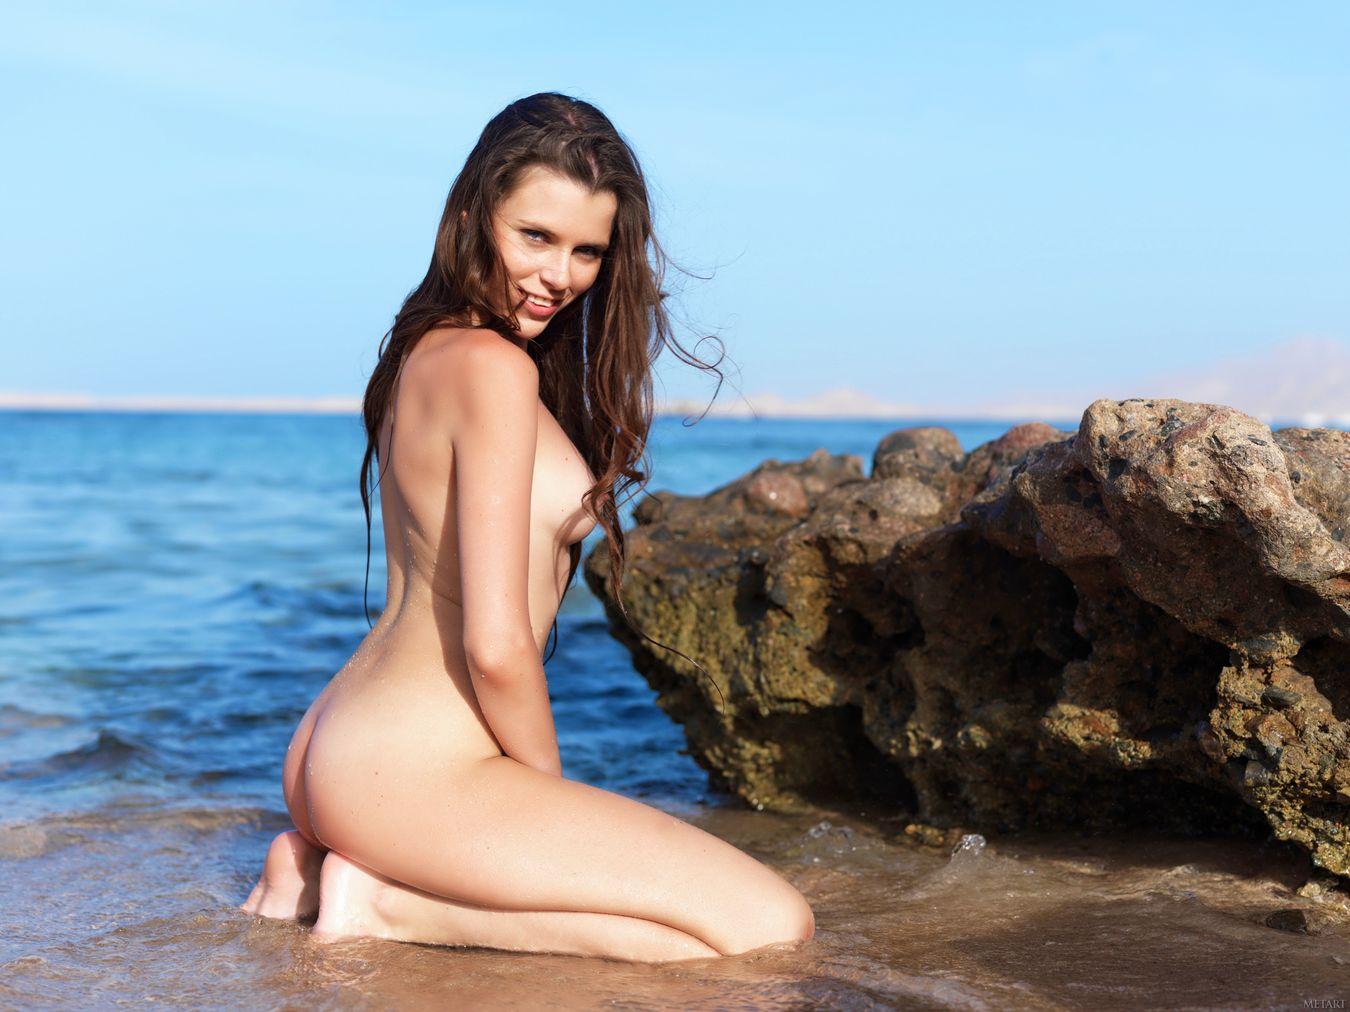 время, чтобы фото эротика на море в купальниках этого возвращаешься